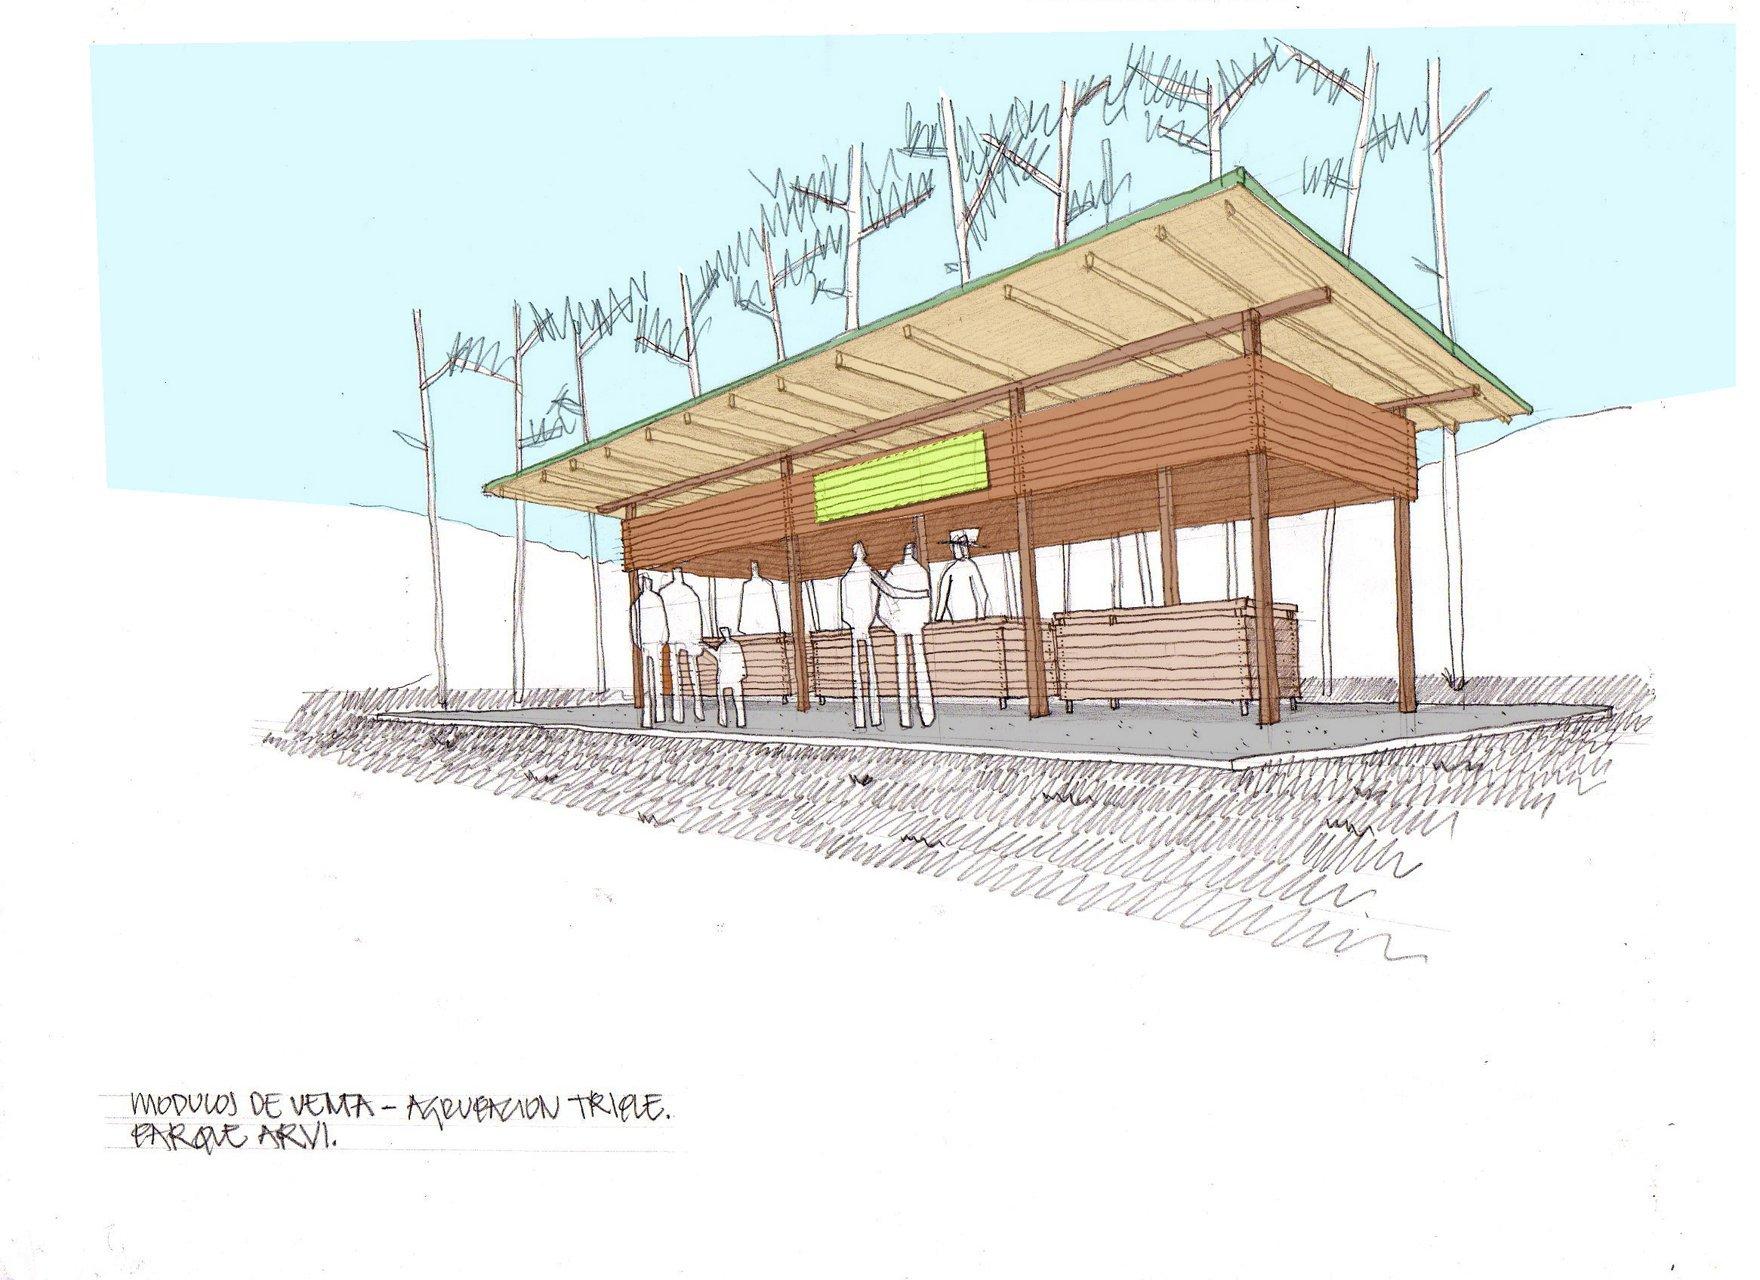 Galer a de mobiliario urbano para el parque arvi escala for Equipamiento urbano arquitectura pdf